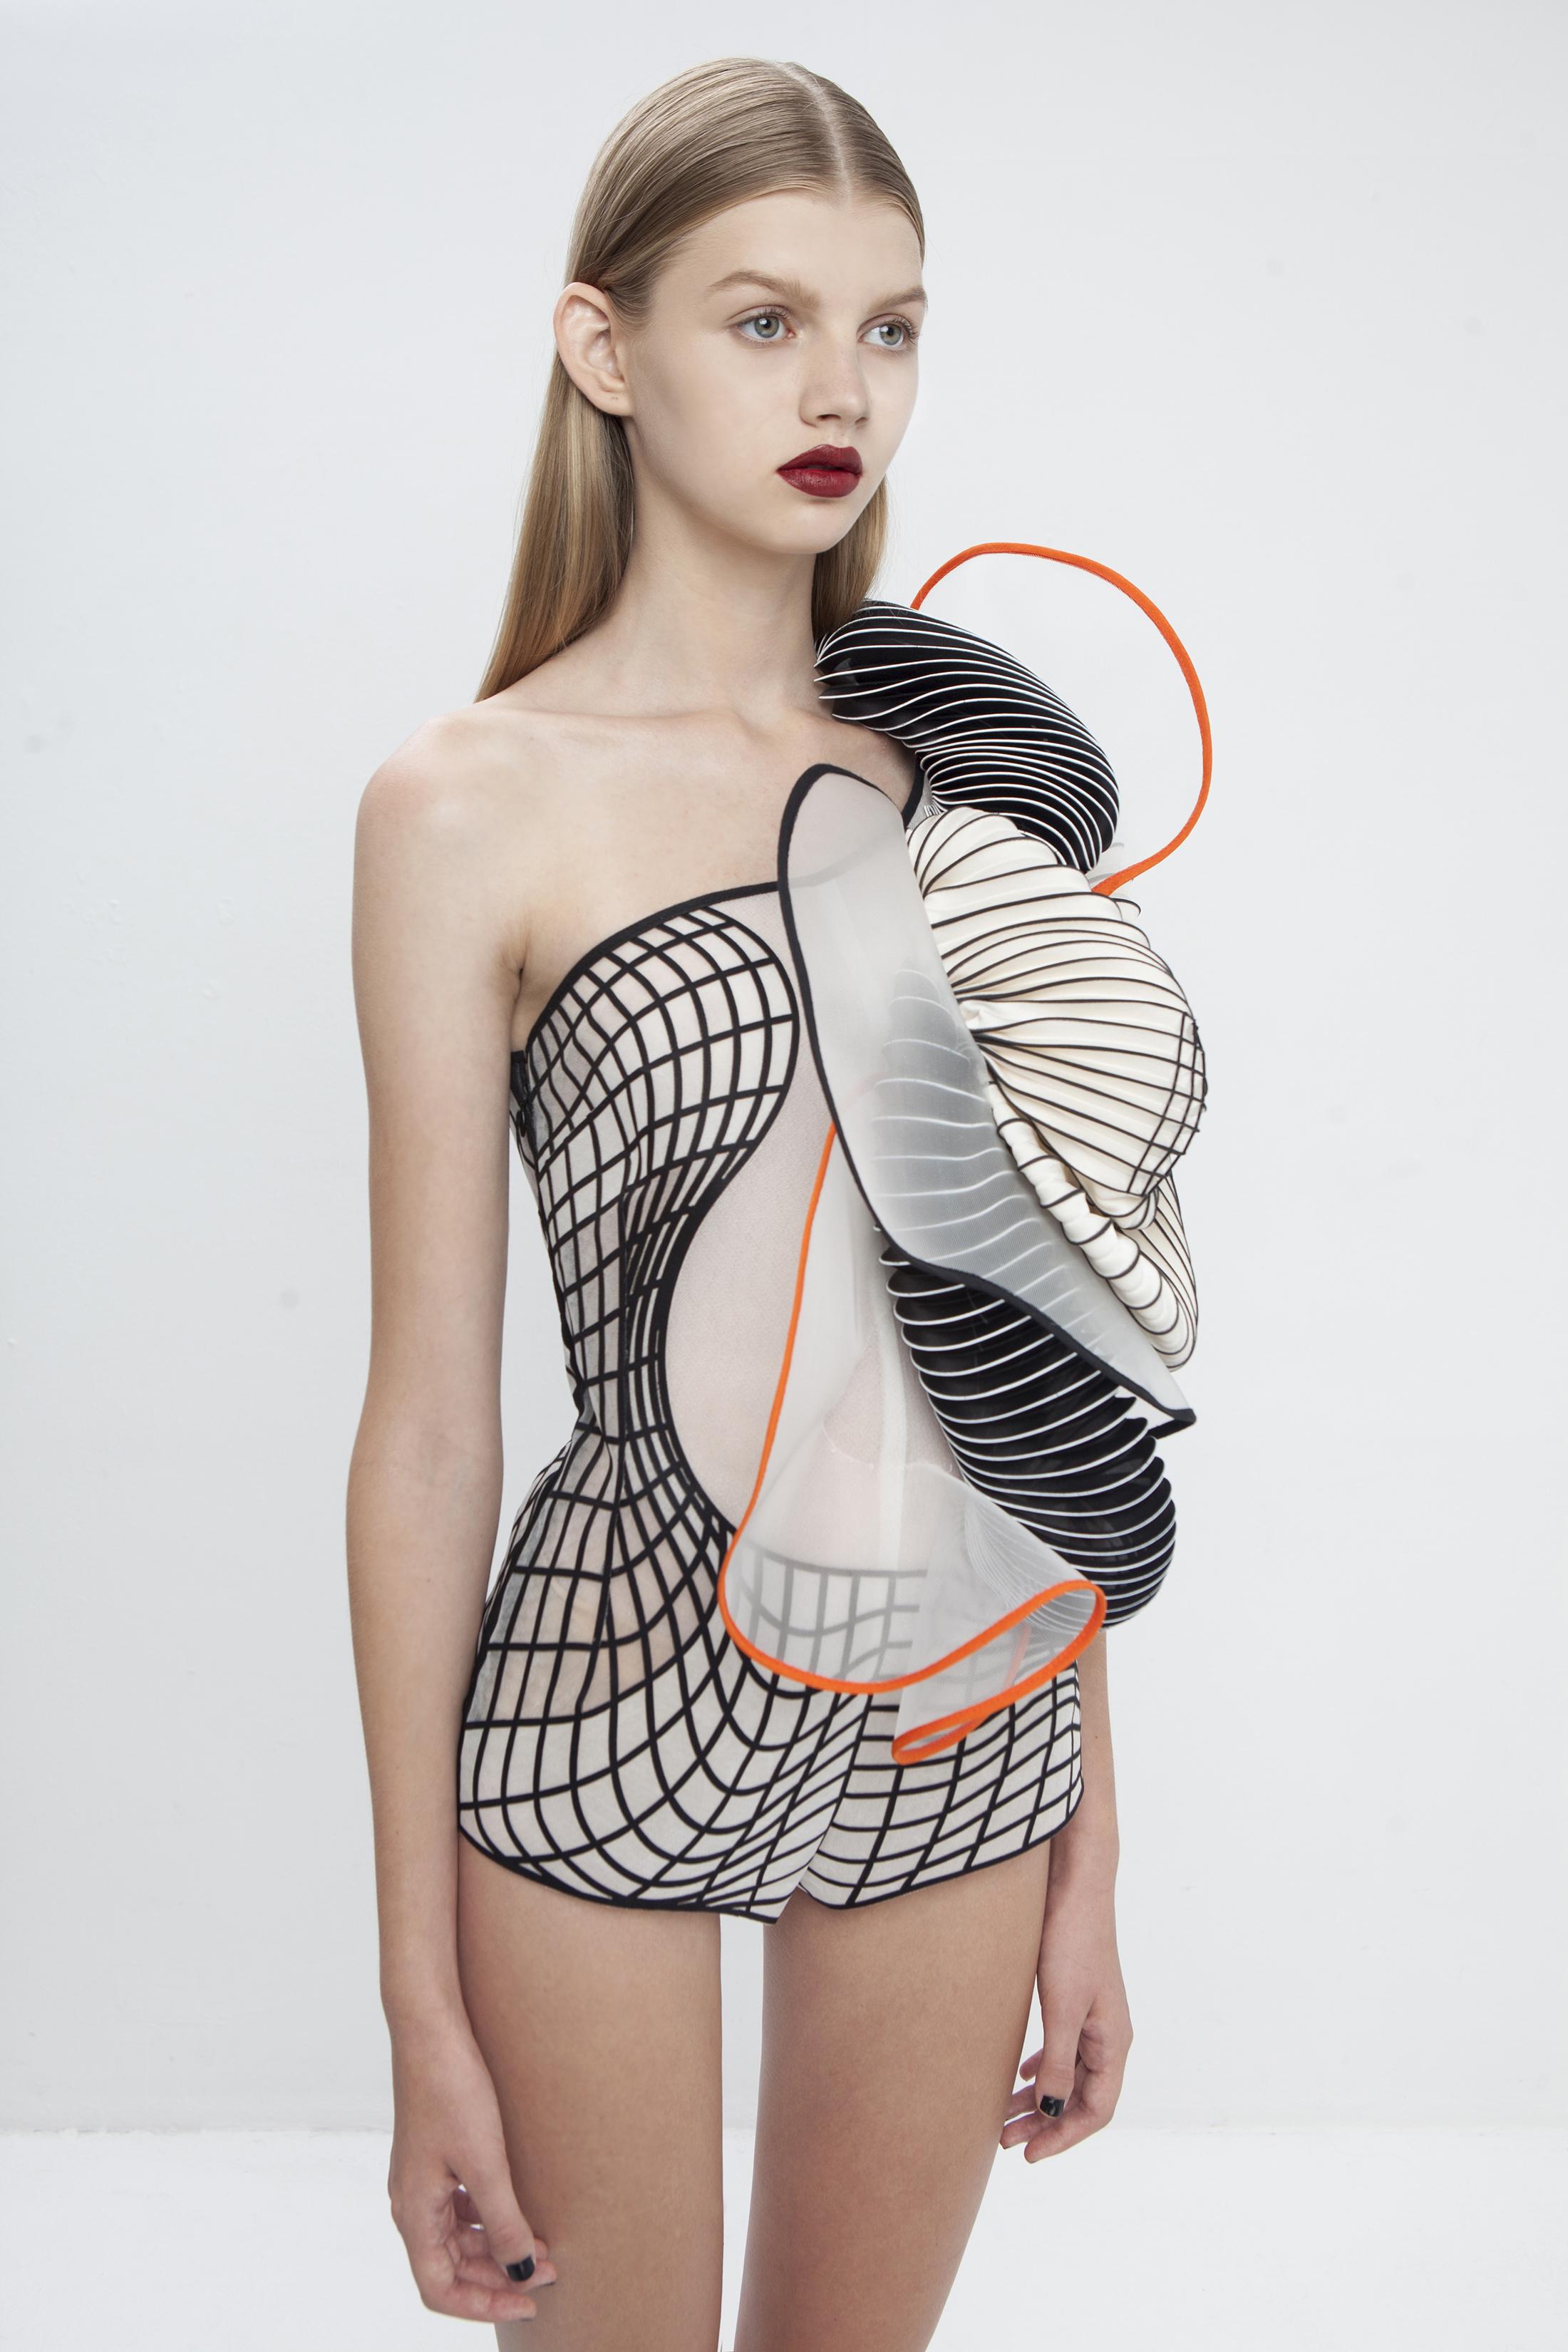 Body - Coleção Hard Copy, de Noa Raviv. Seda, poliéster, algodão e elementos impressos em 3D.